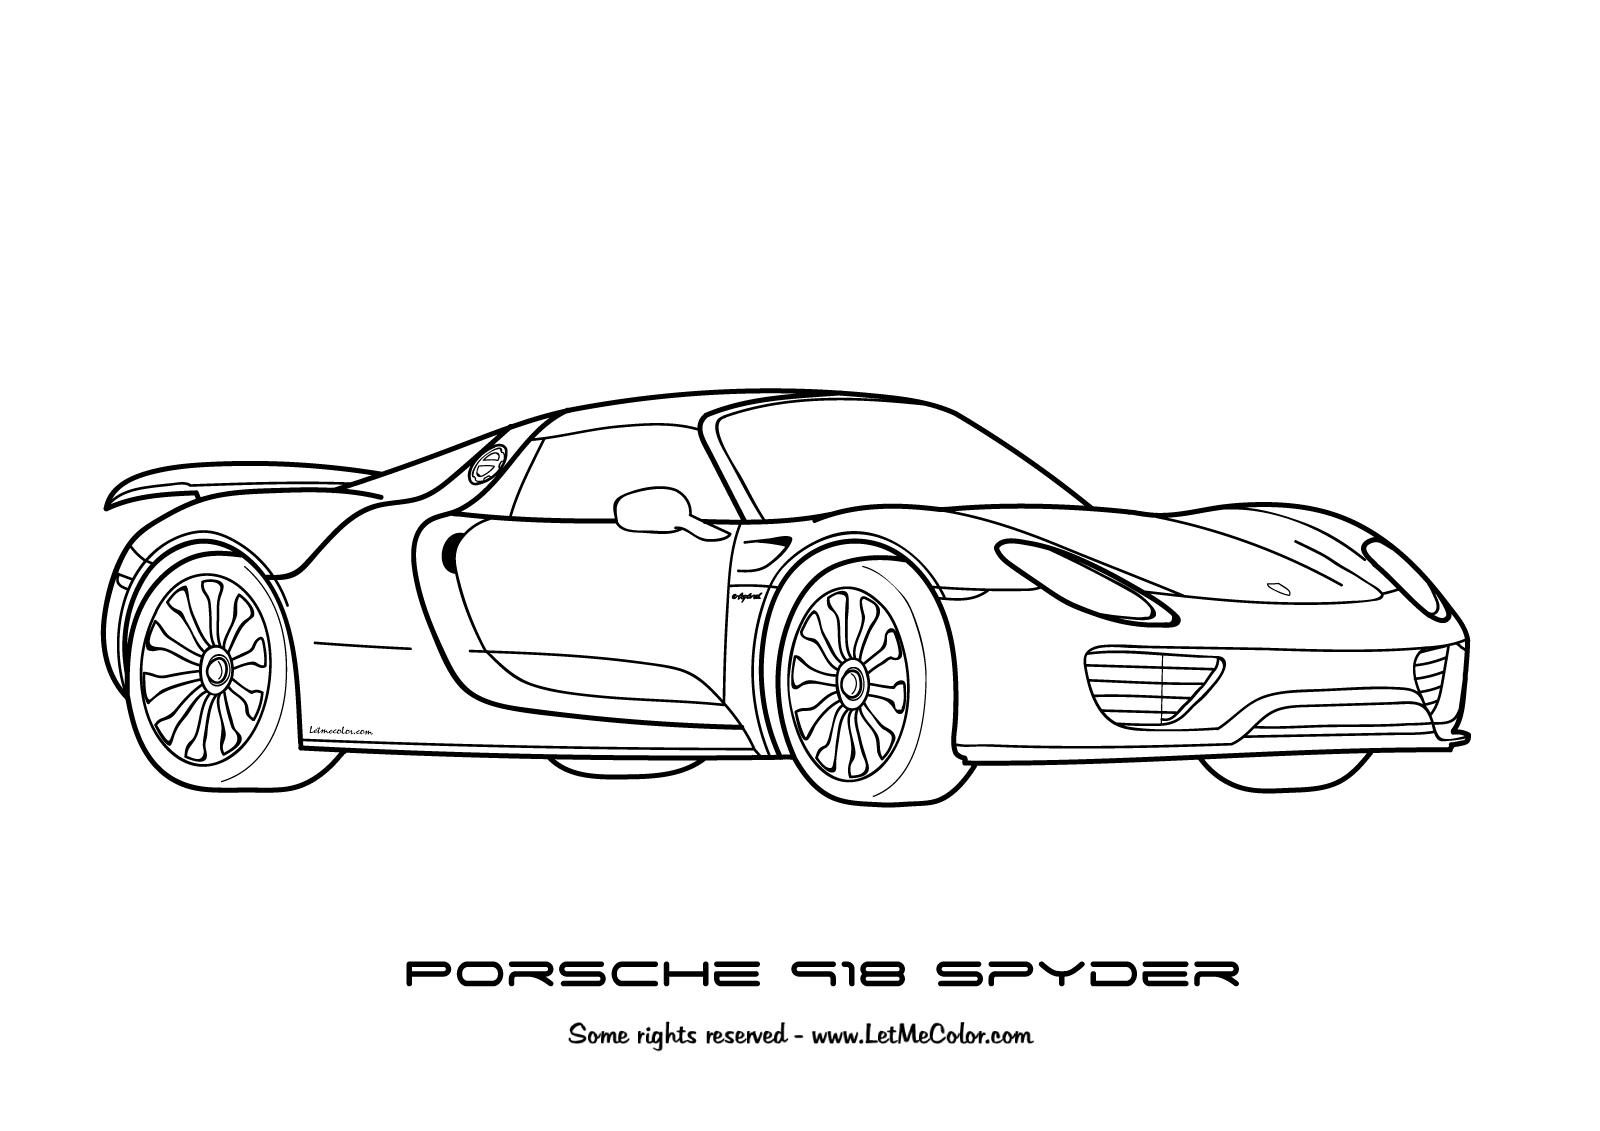 Drawn vehicle porsche Page Porsche 918 cars coloring